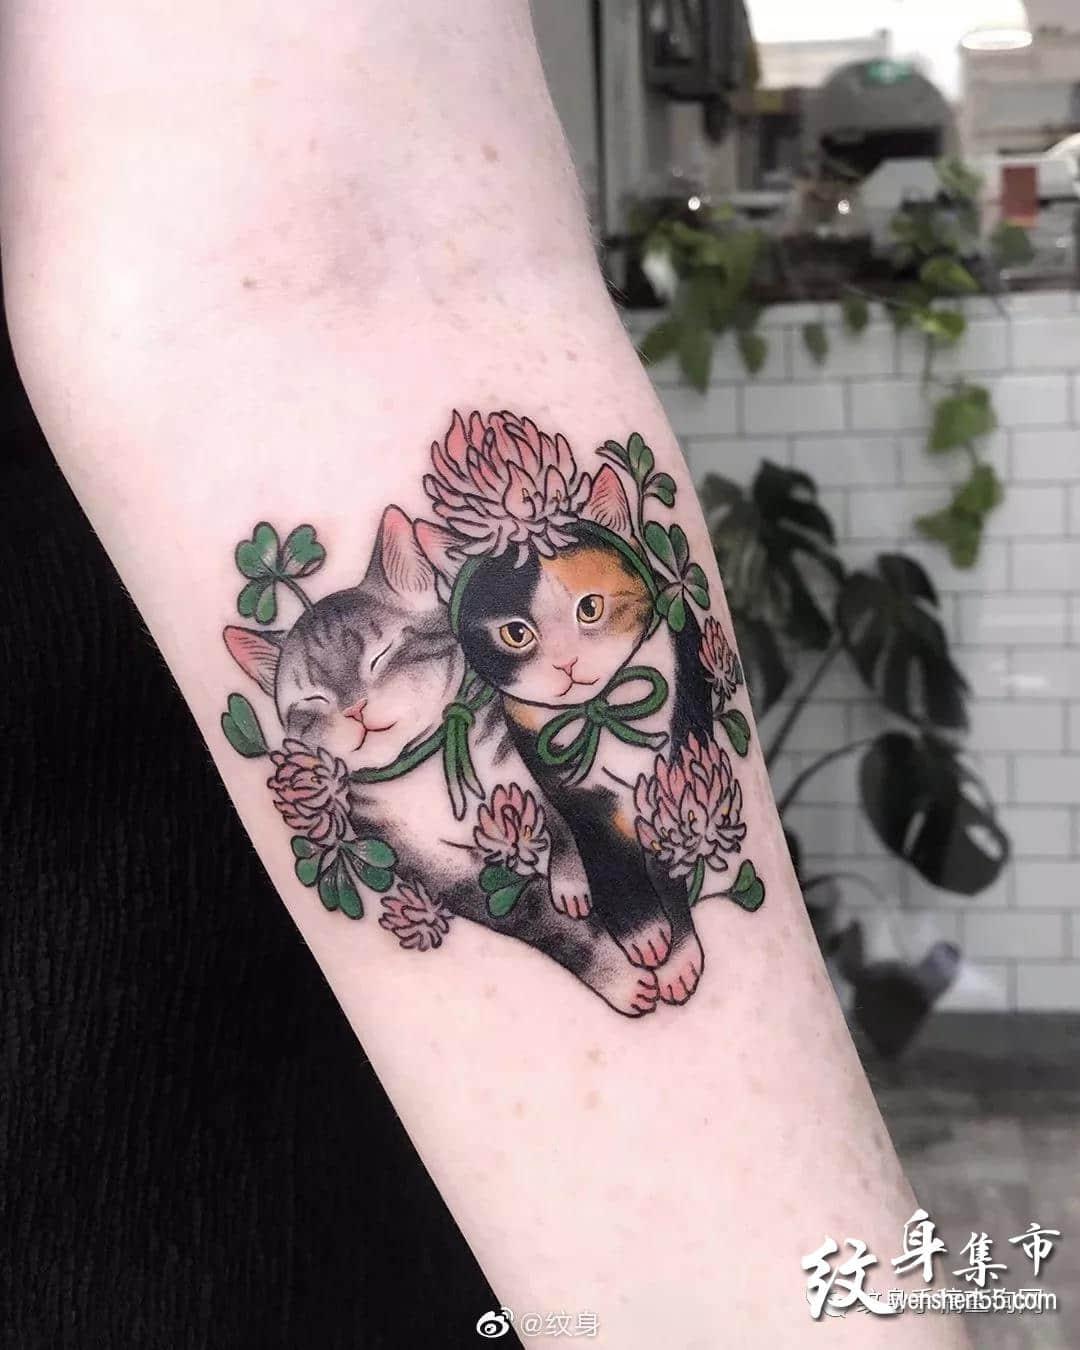 萌萌猫纹身,萌萌猫纹身手稿,萌萌猫纹身手稿图案